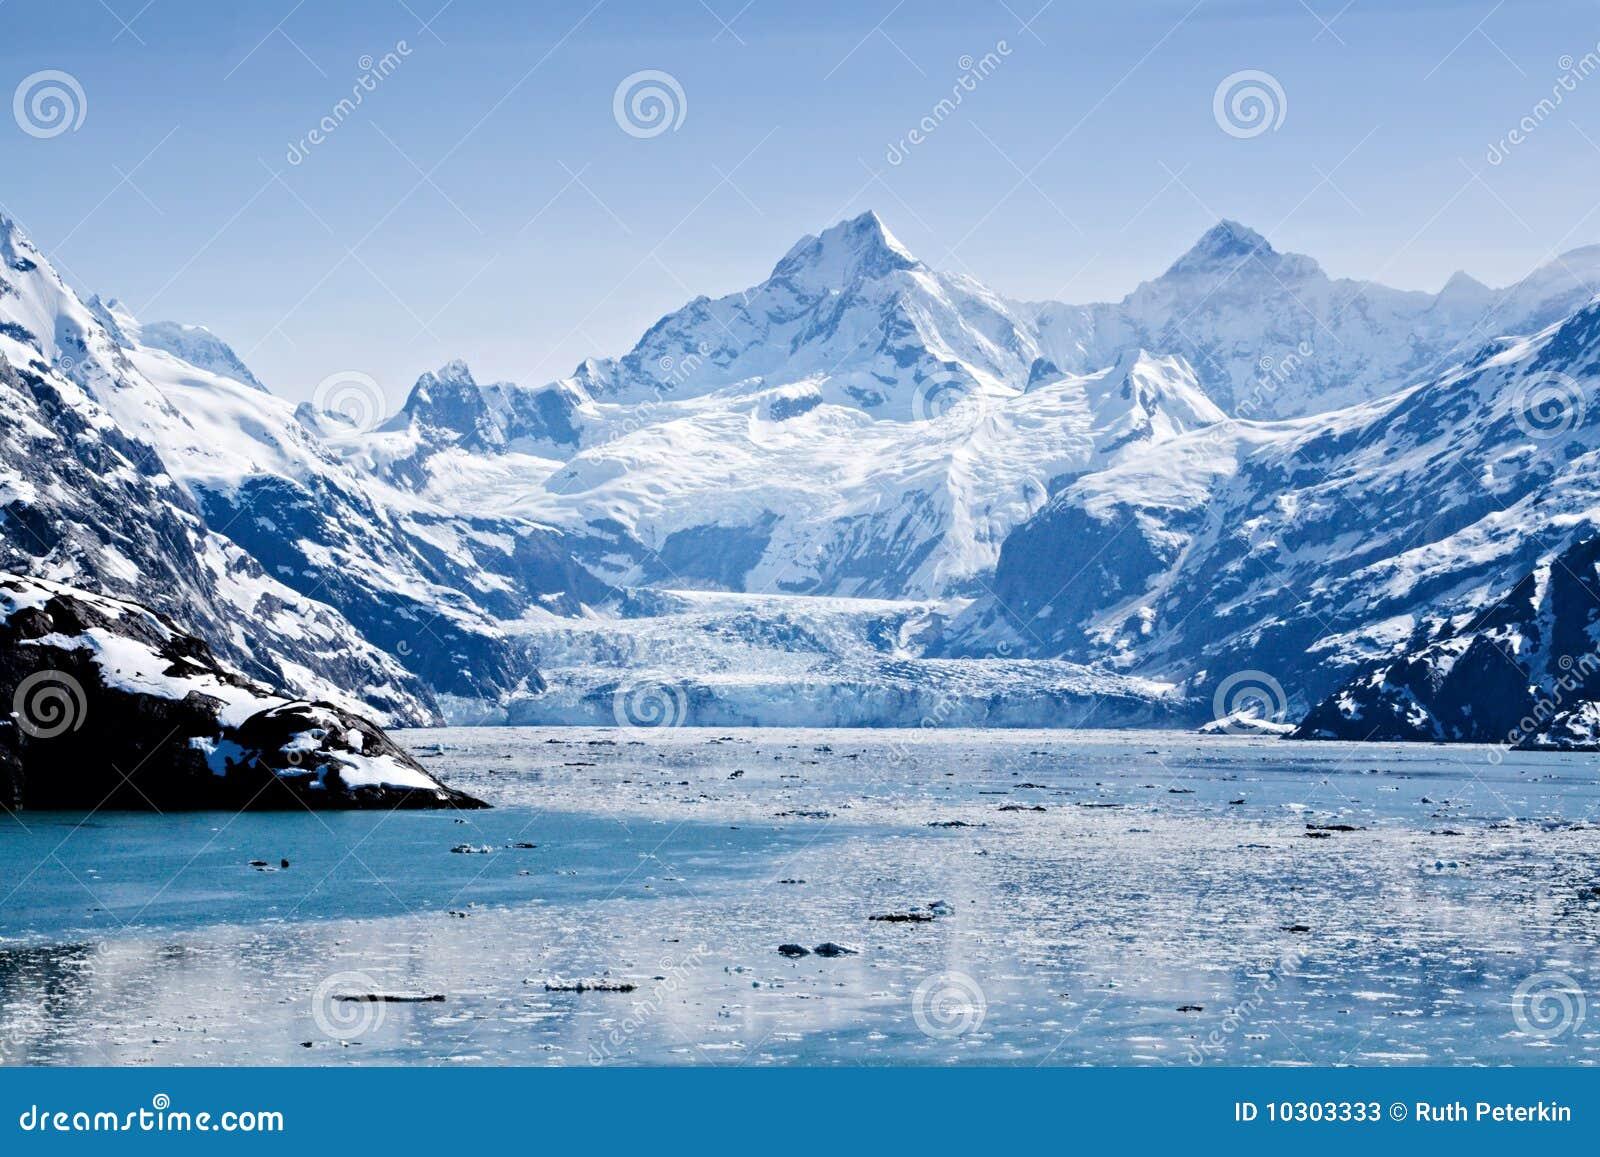 海湾冰川国家公园